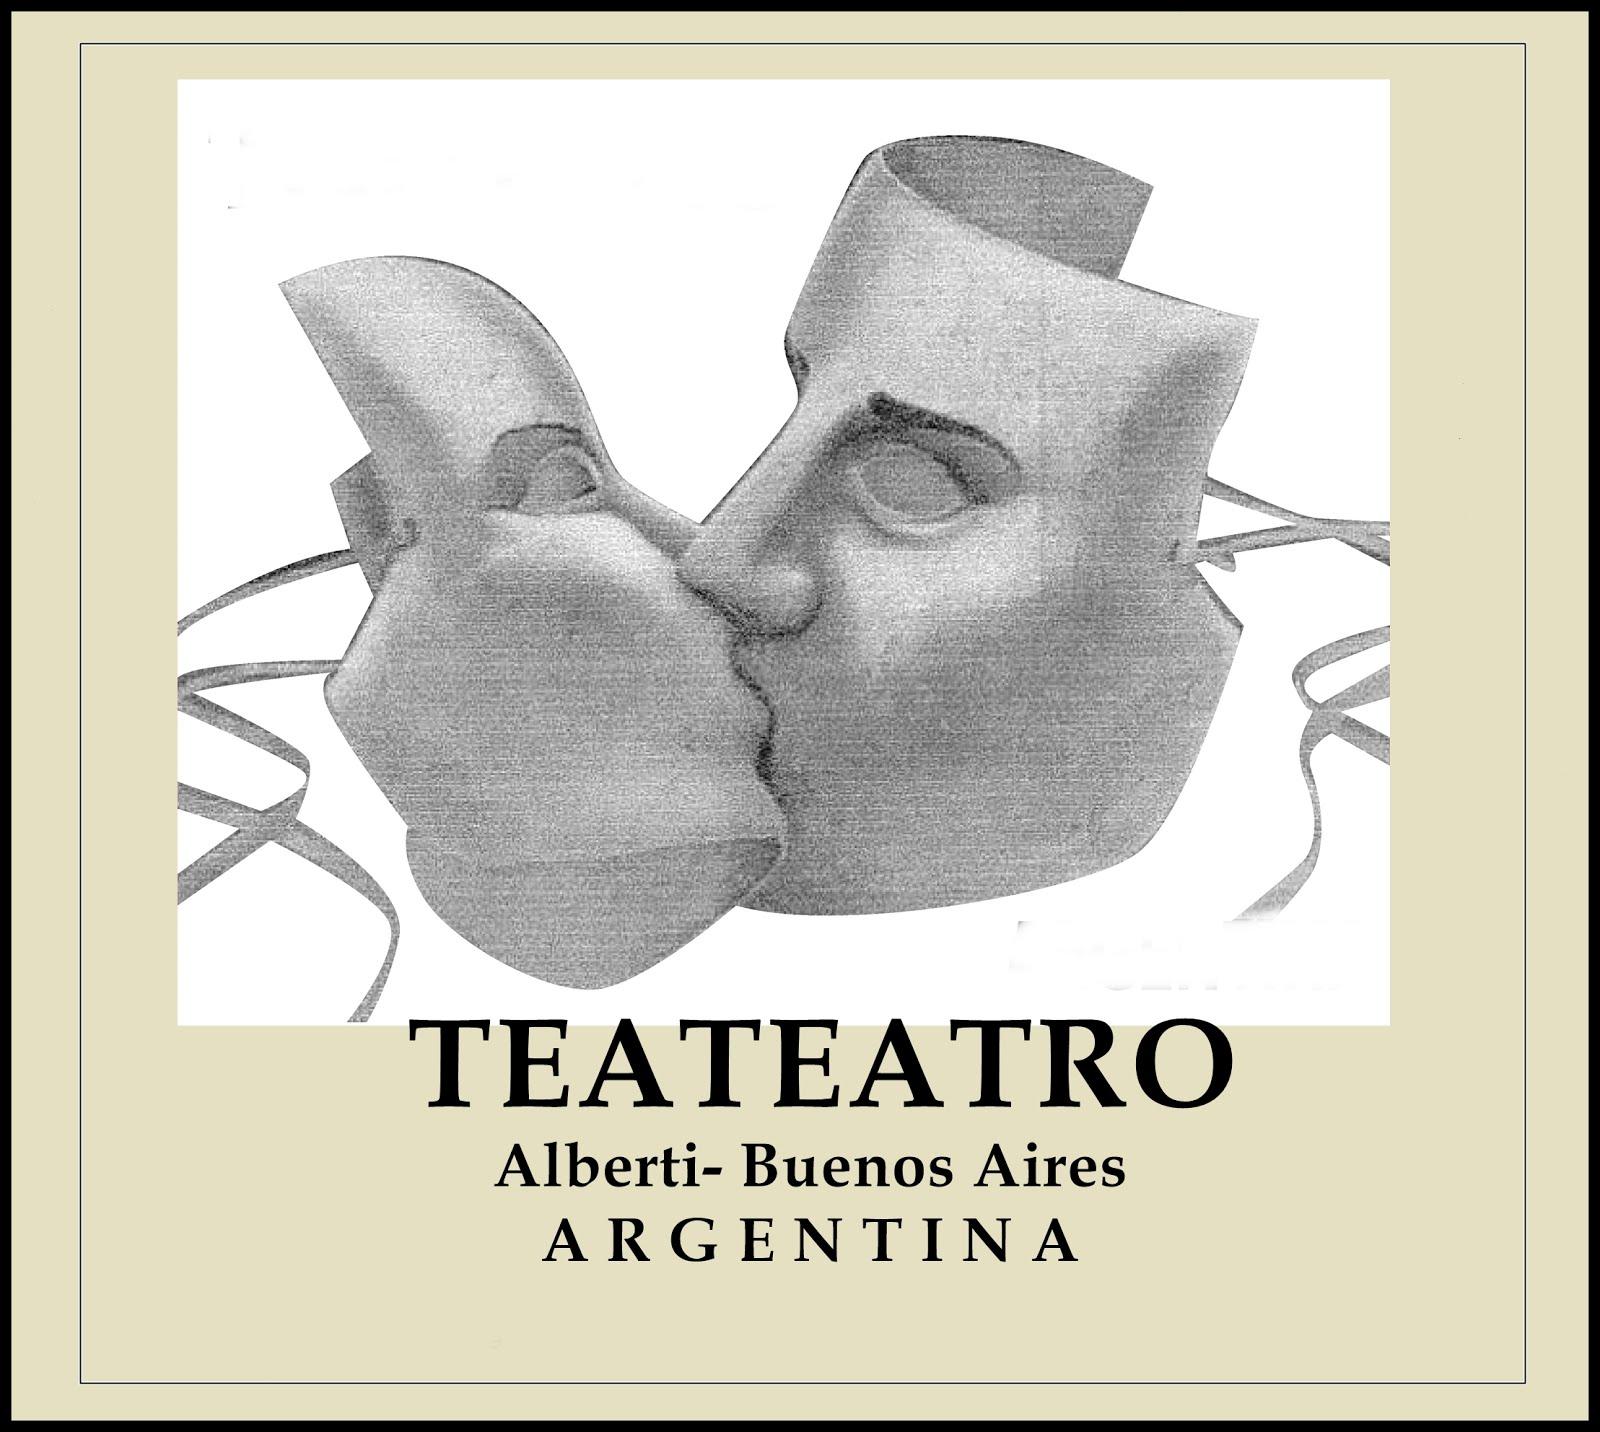 una producción del grupo TEATEATRO Alberti -C.A.B.A. BUENOS AIRES - ARGENTINA